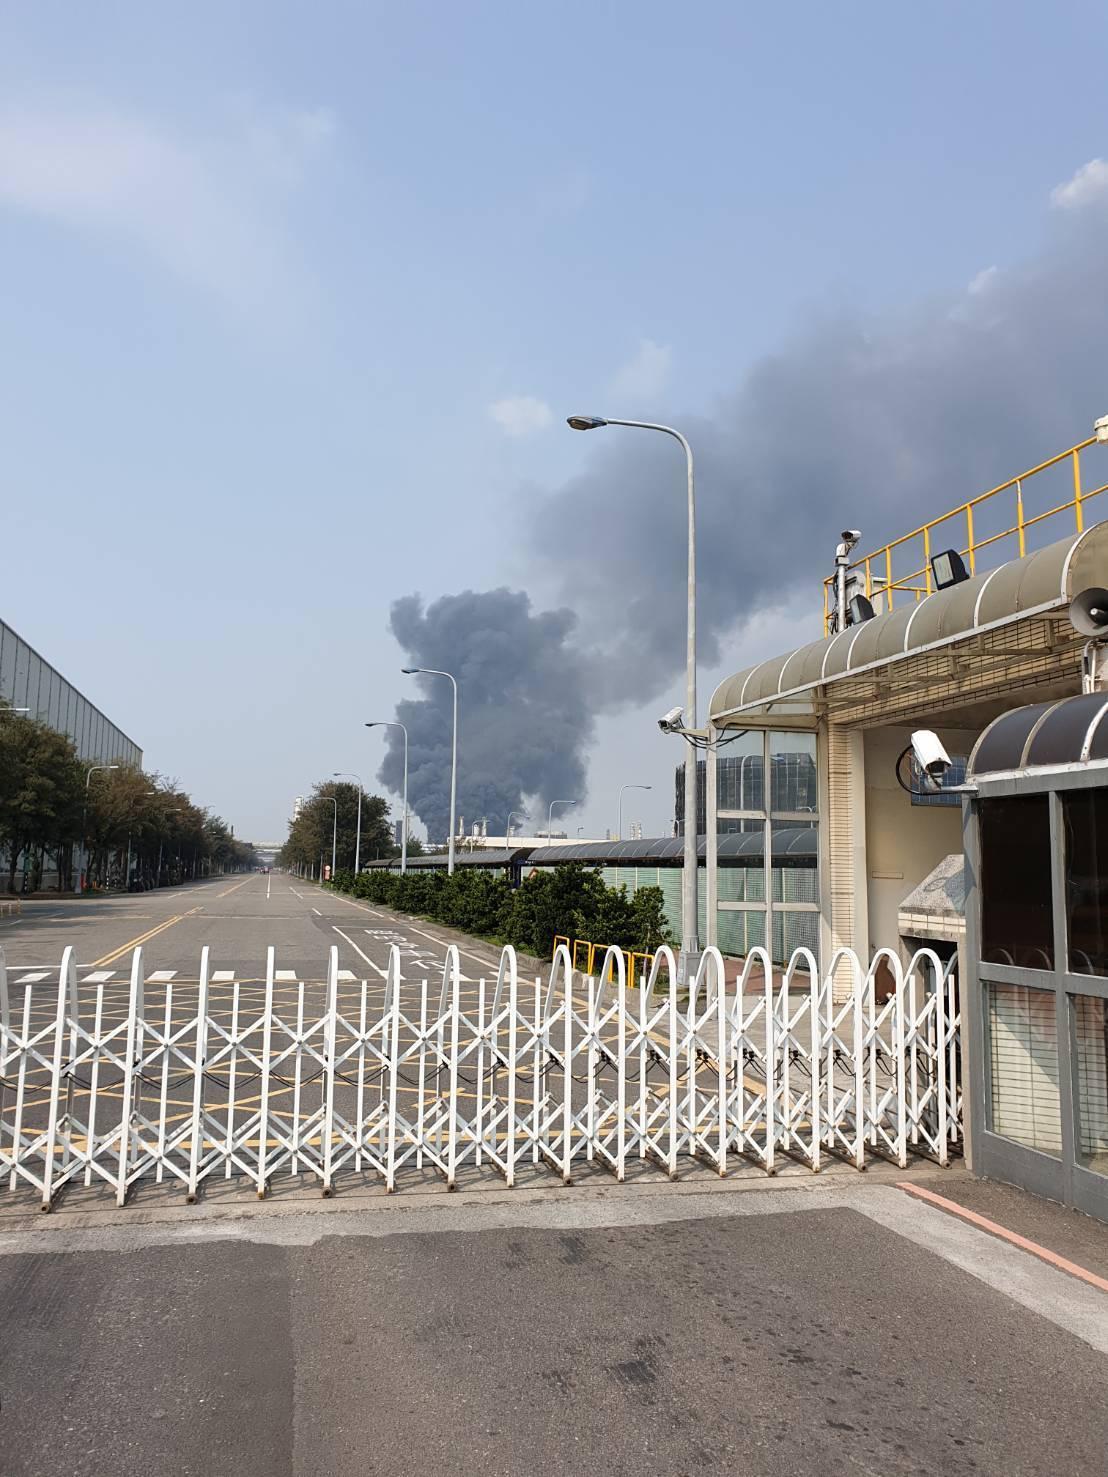 六輕氣爆直到下午仍濃煙密佈。記者蔡維斌/翻攝